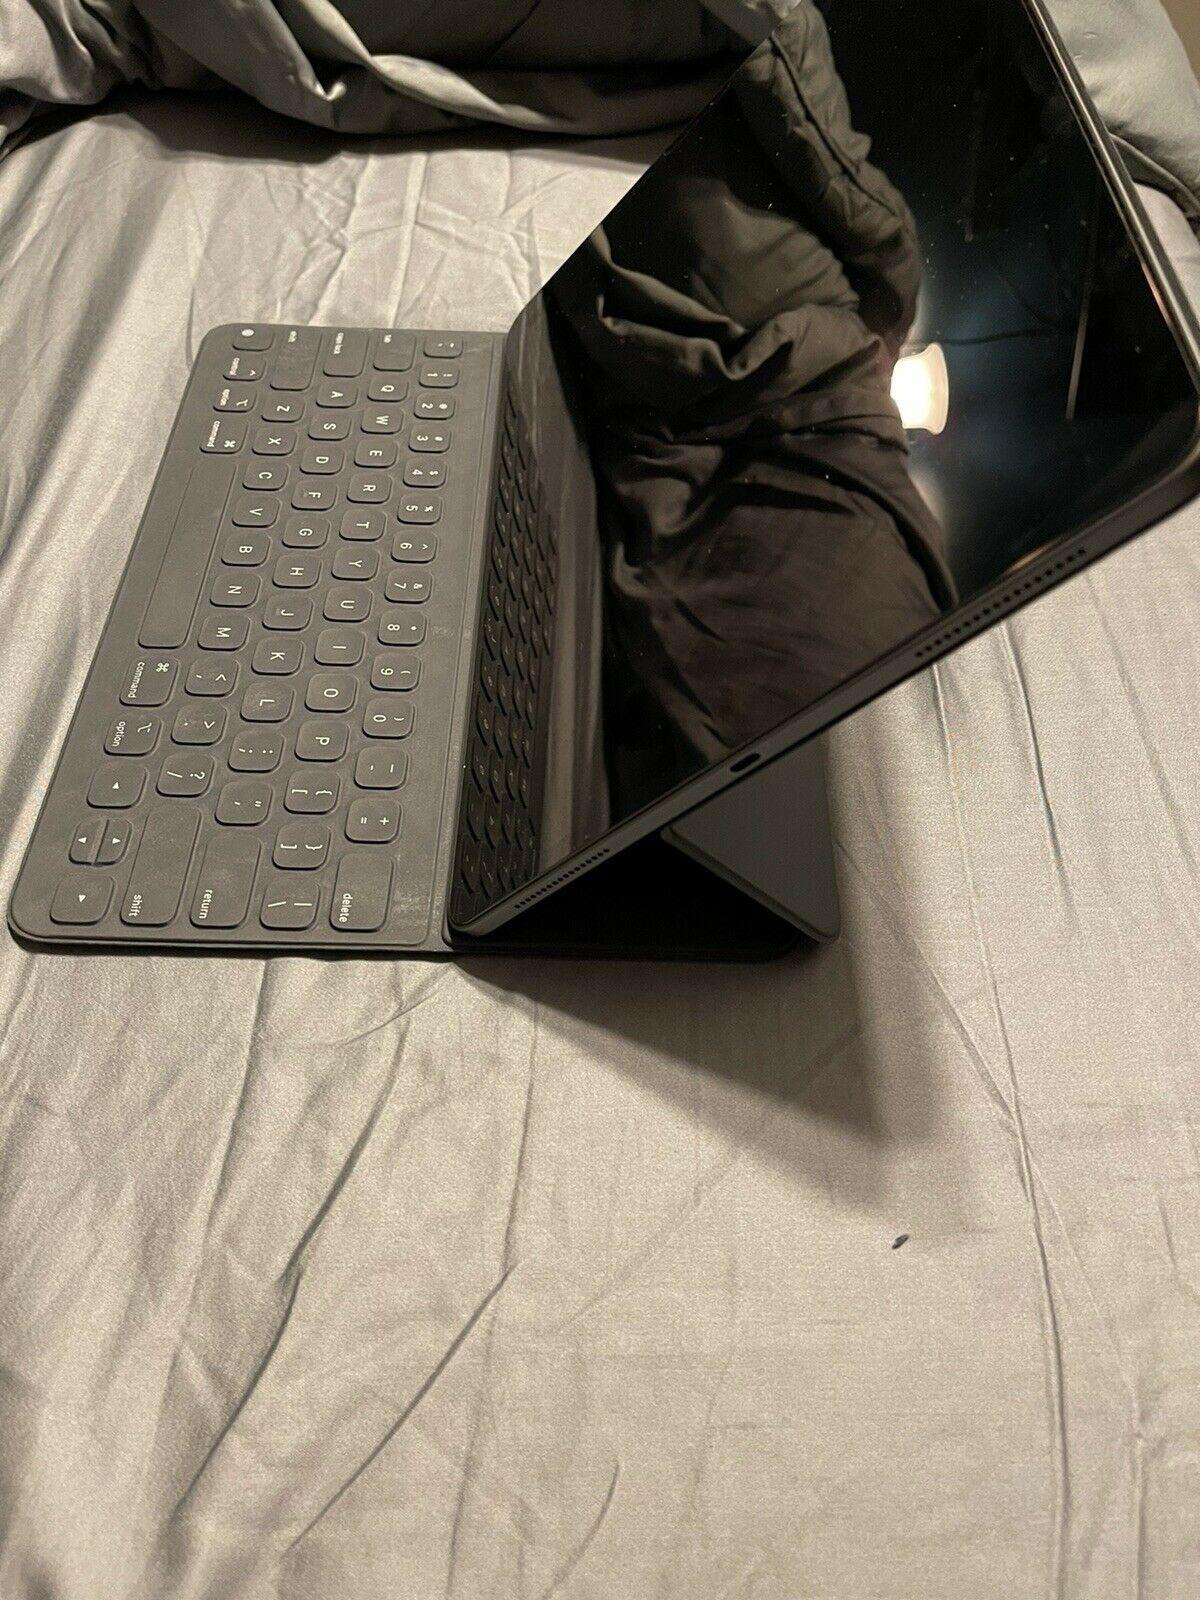 Apple iPad Pro 3rd Gen. 512GB, Wi-Fi, 12.9 in - Space Gray.W/ Smart Keyboard